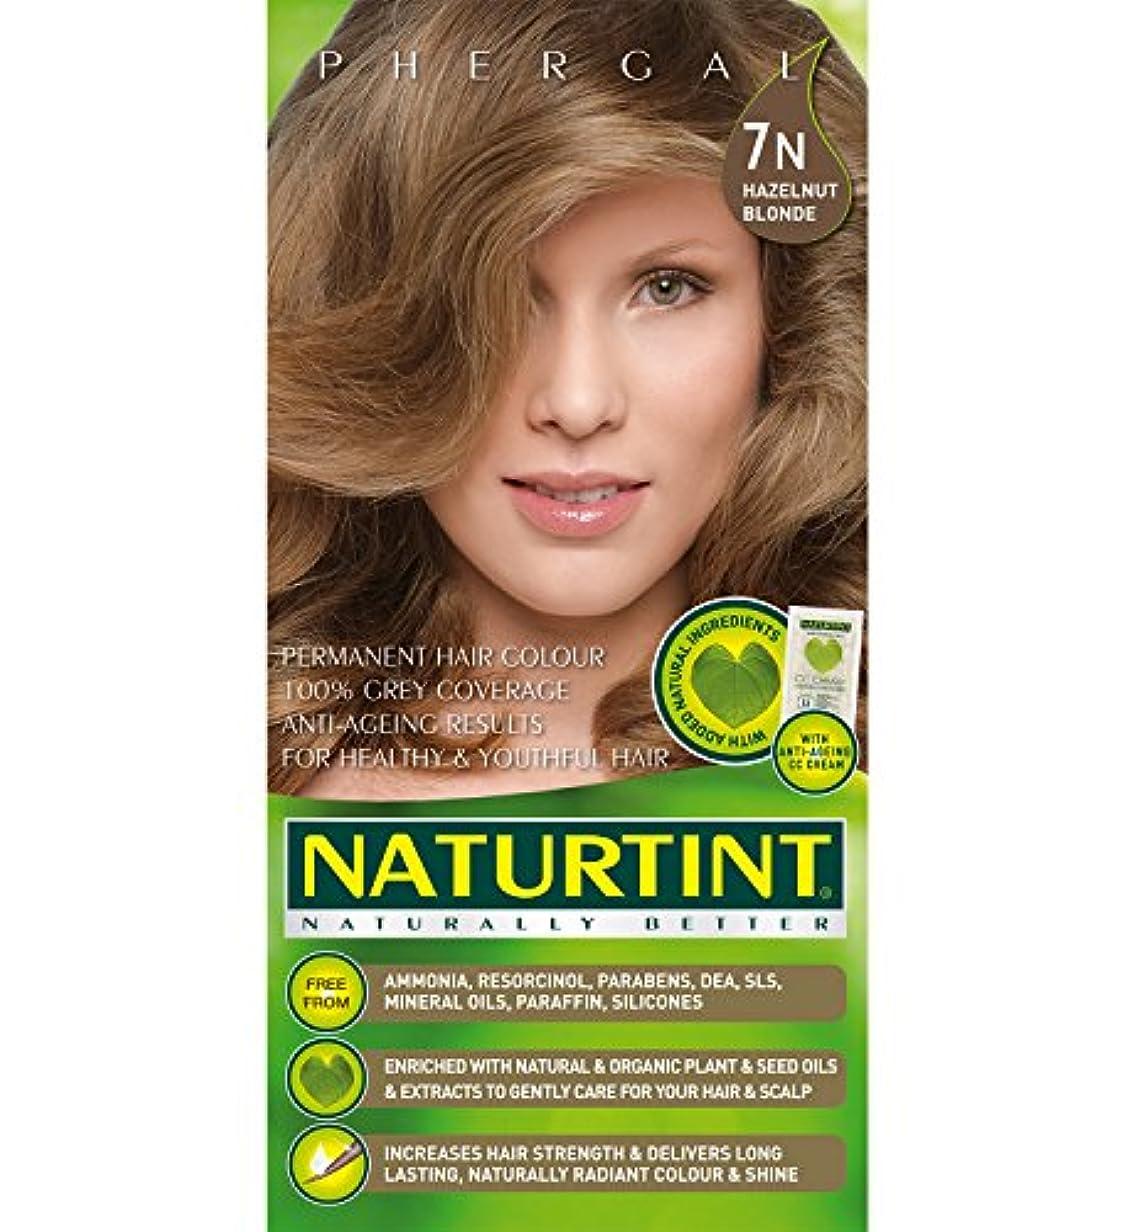 近代化する汚い火薬Naturtint Hair Color 7N Hazelnut Blonde Count (並行輸入品)